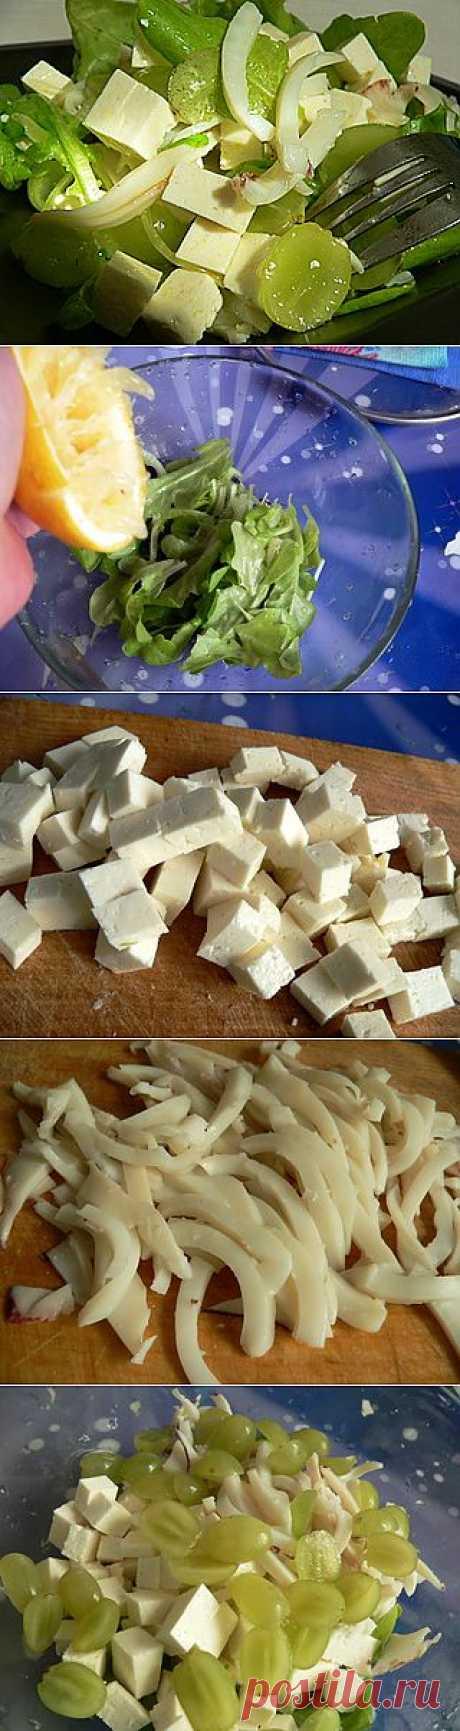 САЛАТЫ ИЗ КАЛЬМАРОВ НА ЛЮБОЙ ВКУС - 10 рецептов. .Салат из кальмаров с сыром и виноградом Очень нежный и необычный вкус.